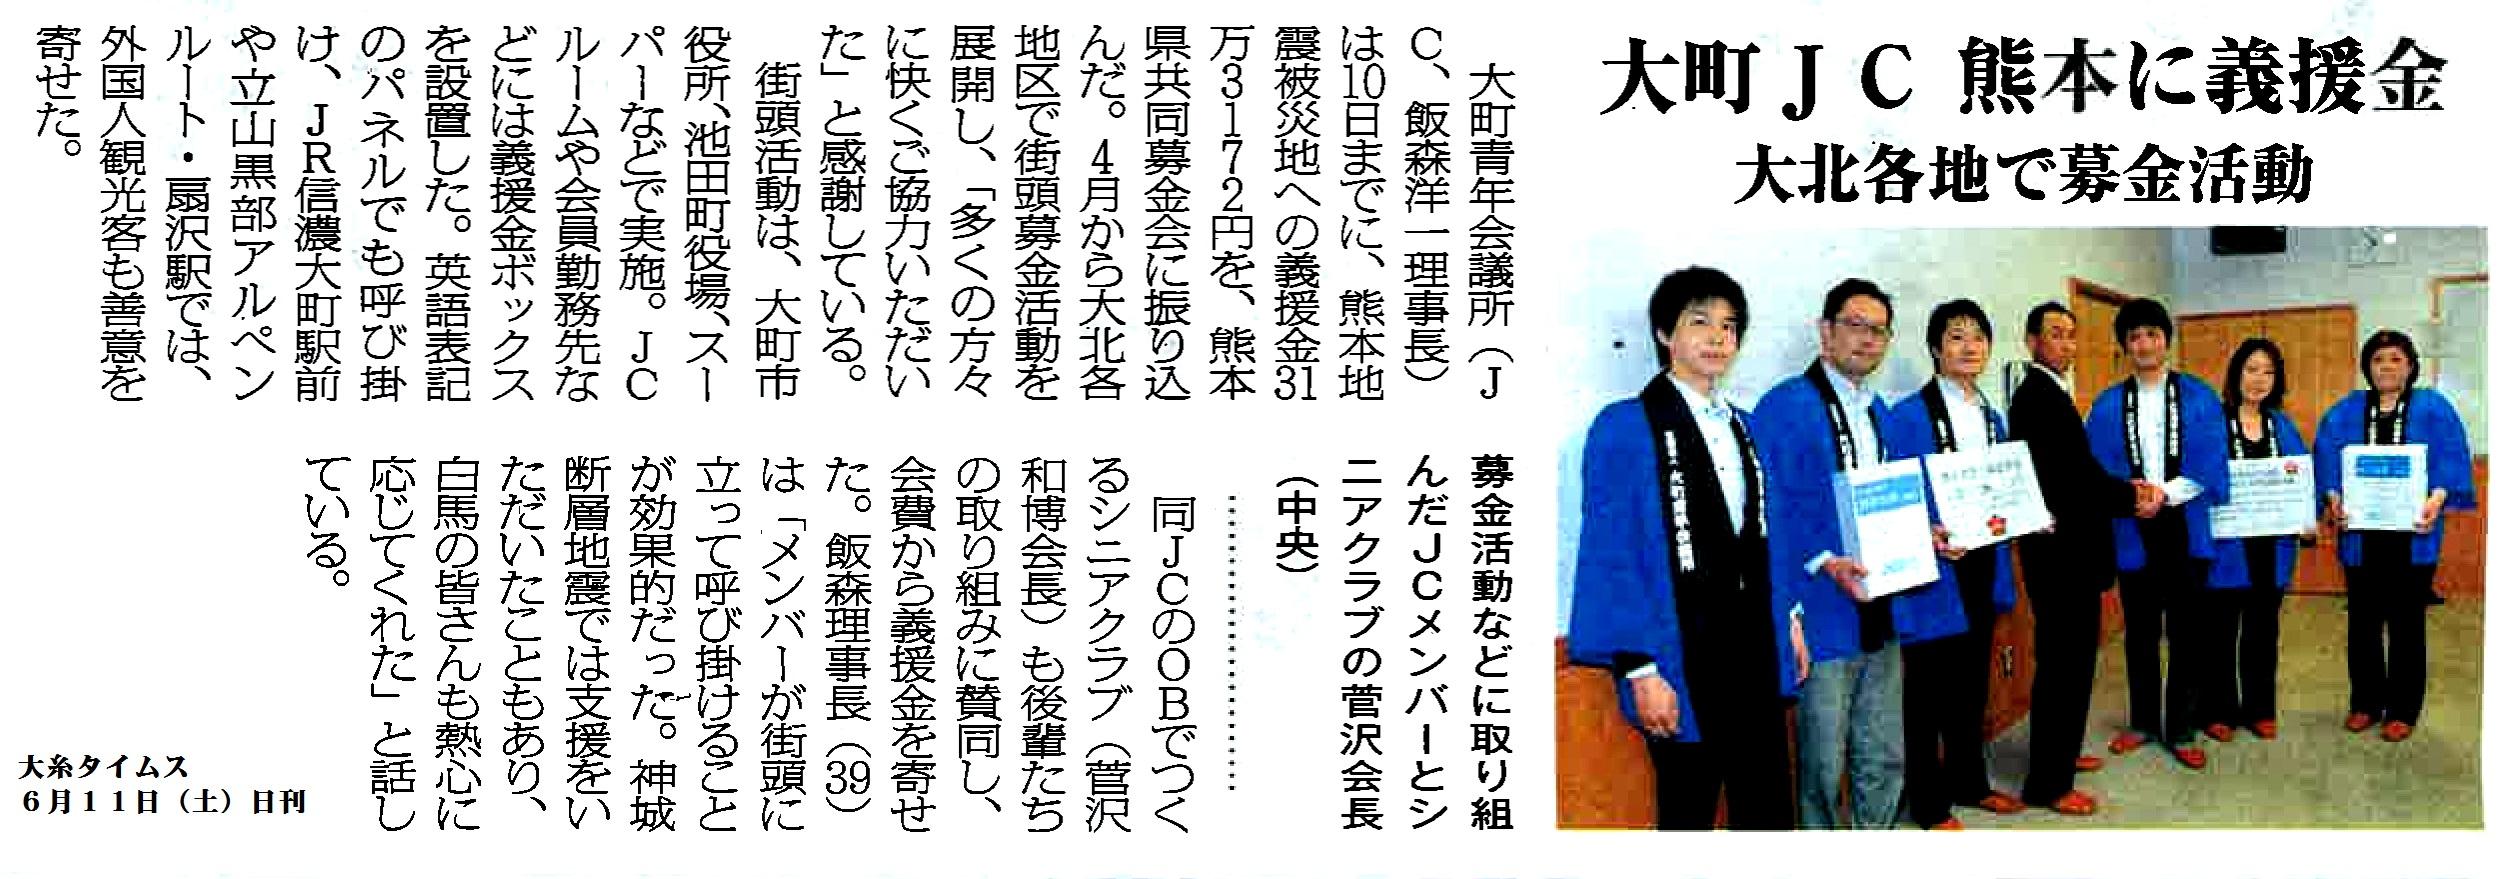 熊本地震に対する義援金募集活動のご報告